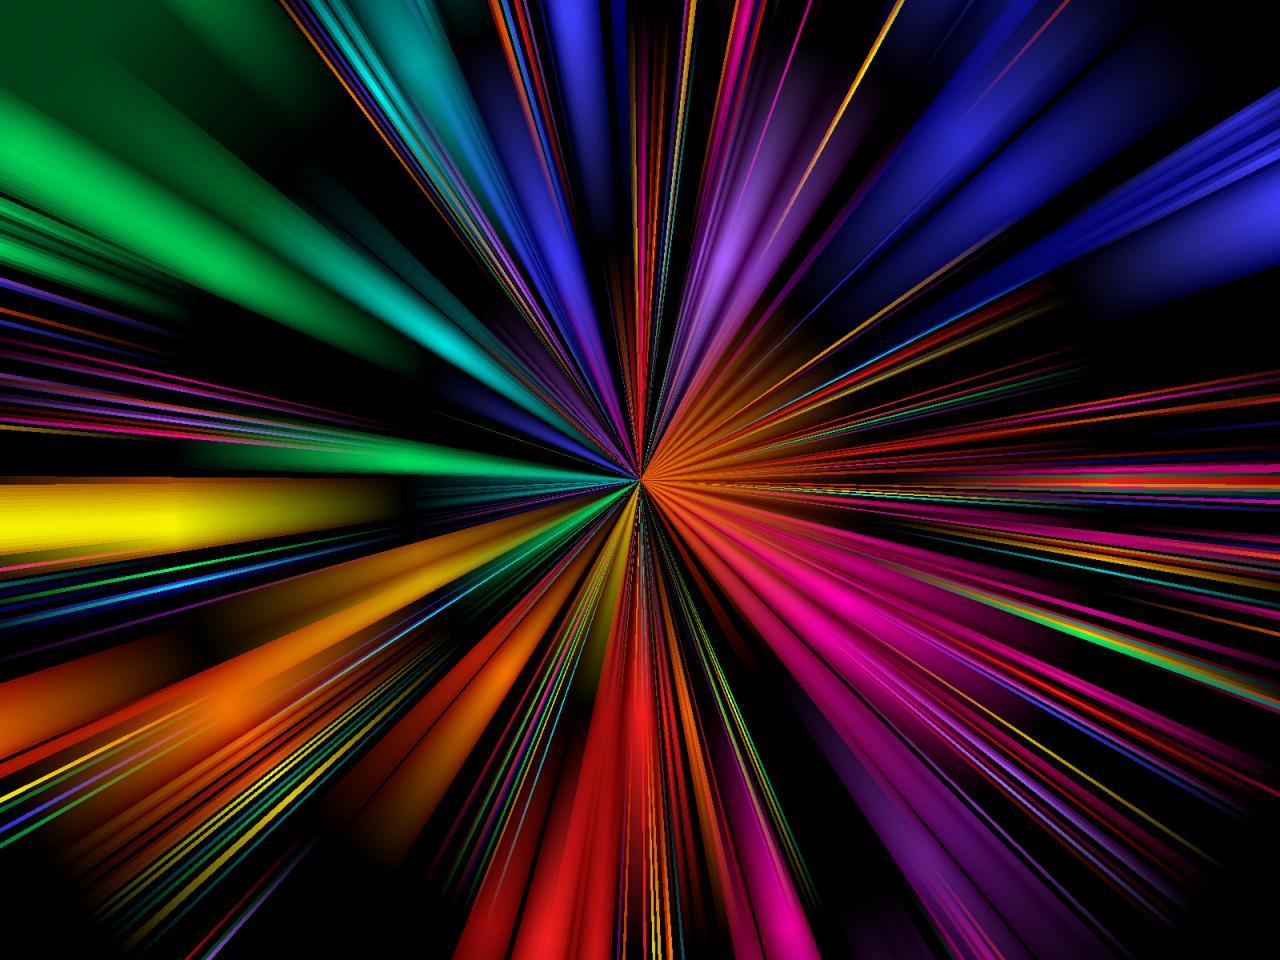 صورة ما هي سرعة الضوء , تعرف على رمز الضوء وسرعته